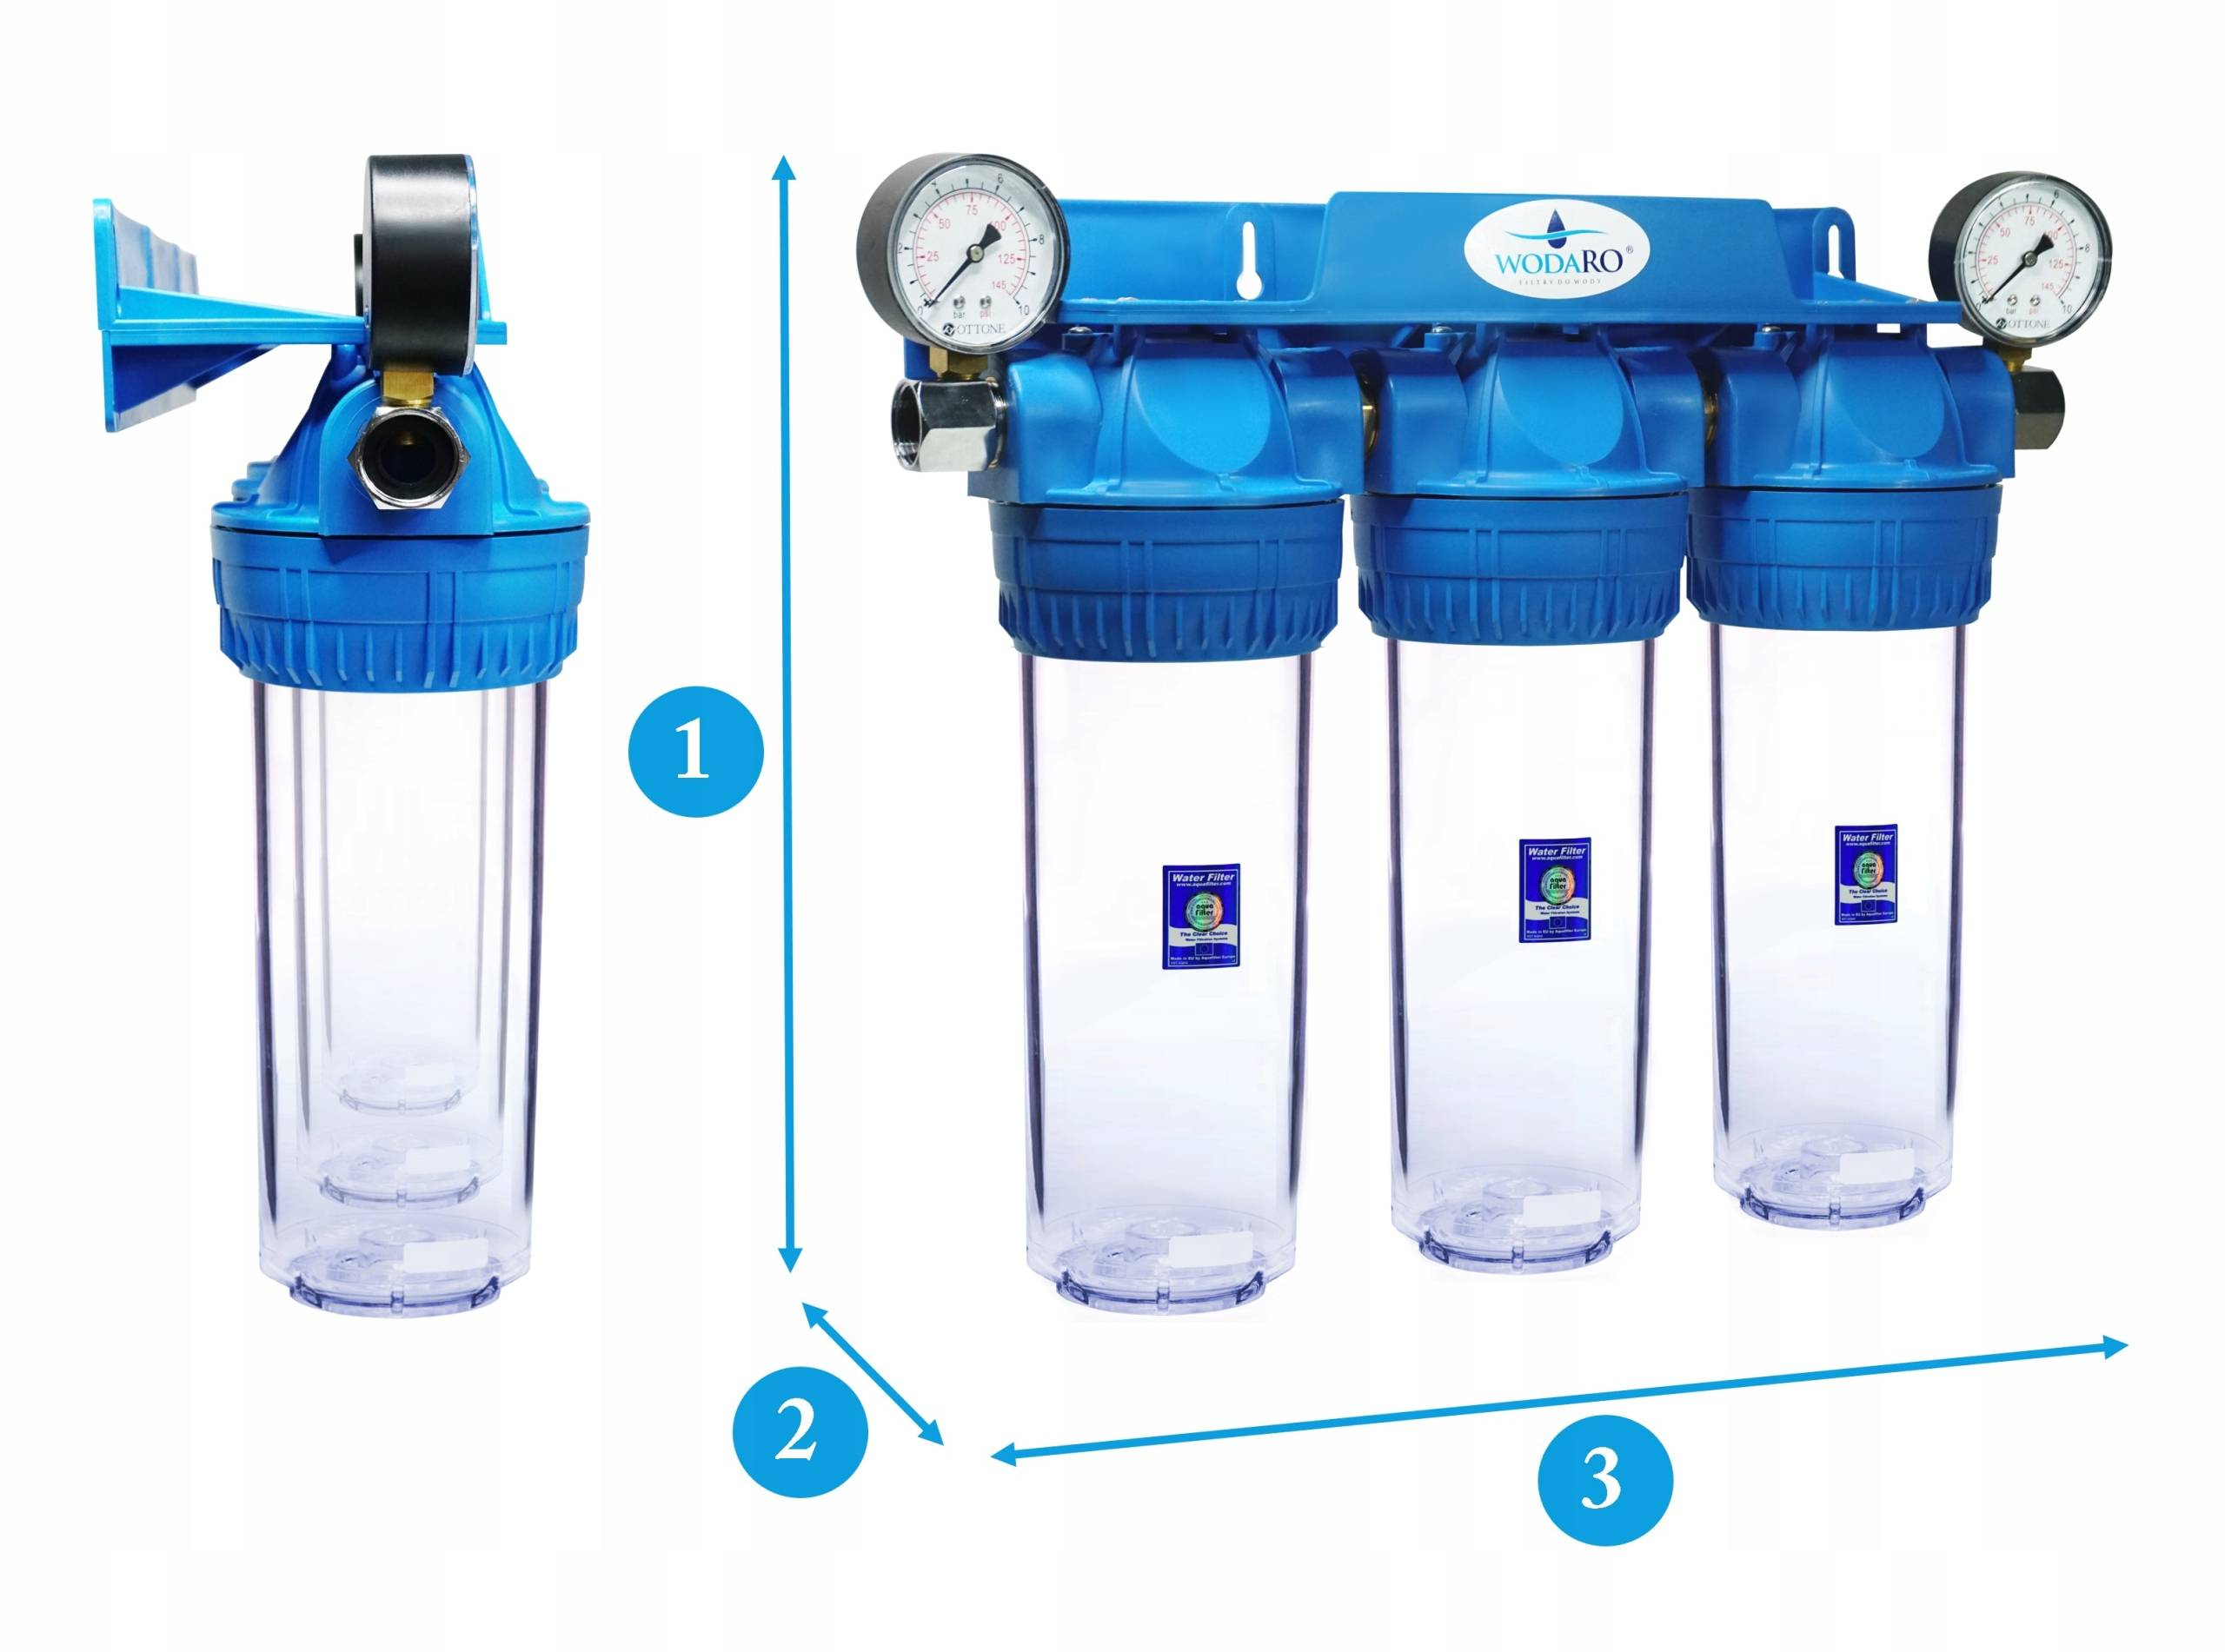 Как сделать воду мягкой для аквариума: 110 фото быстрой подготовки и смены воды